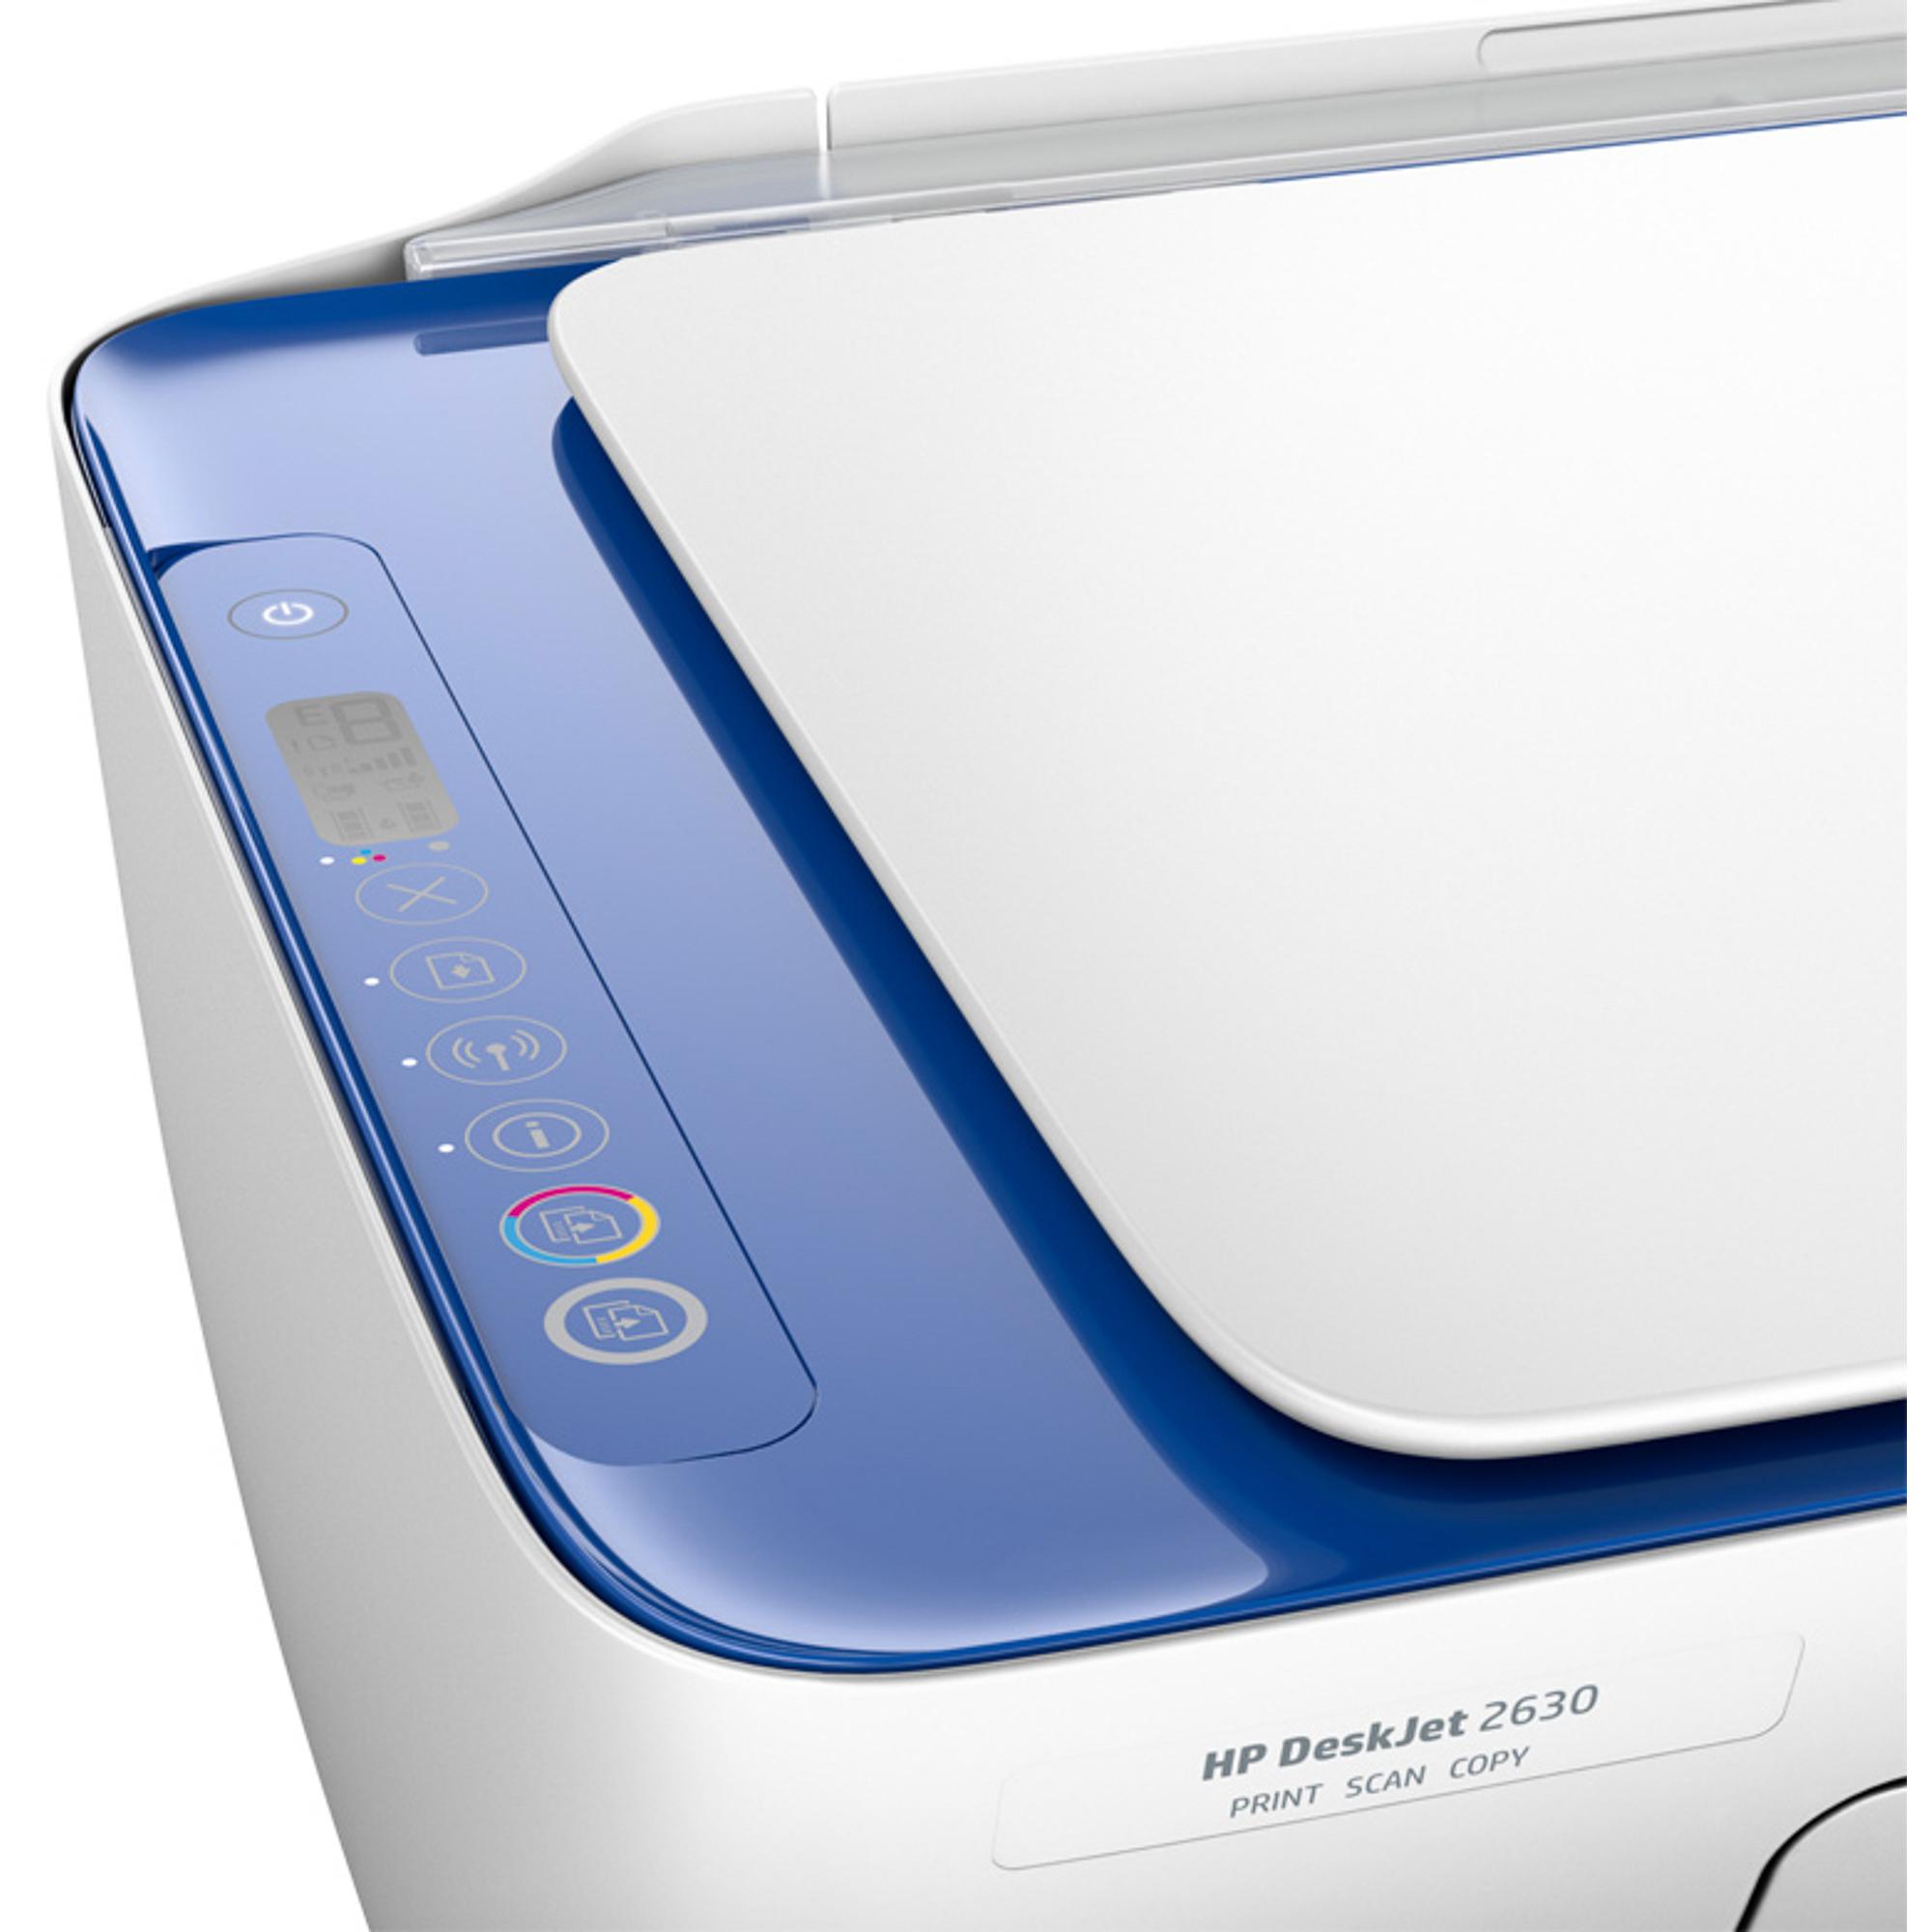 МФУ HP DeskJet 2630 V1N03C